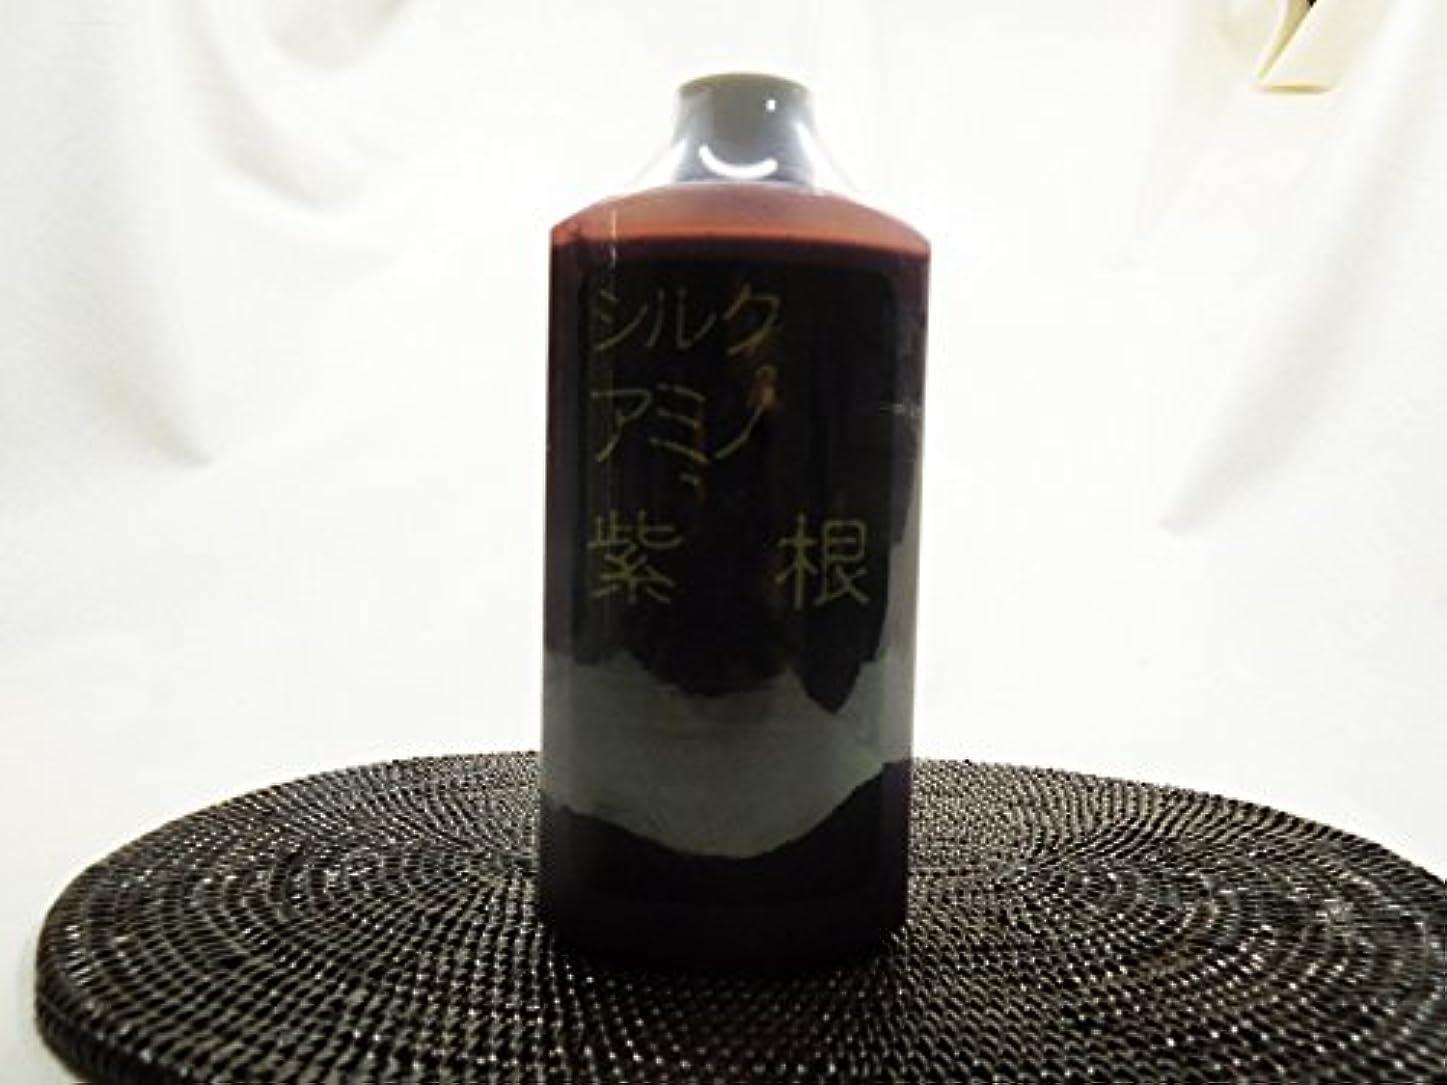 同時レシピカジュアルMAGENTA バスビューティヘルス 【シルク×アミノ酸×紫根】 シルクアミノ高級バスエッセンス 310ml 日本製